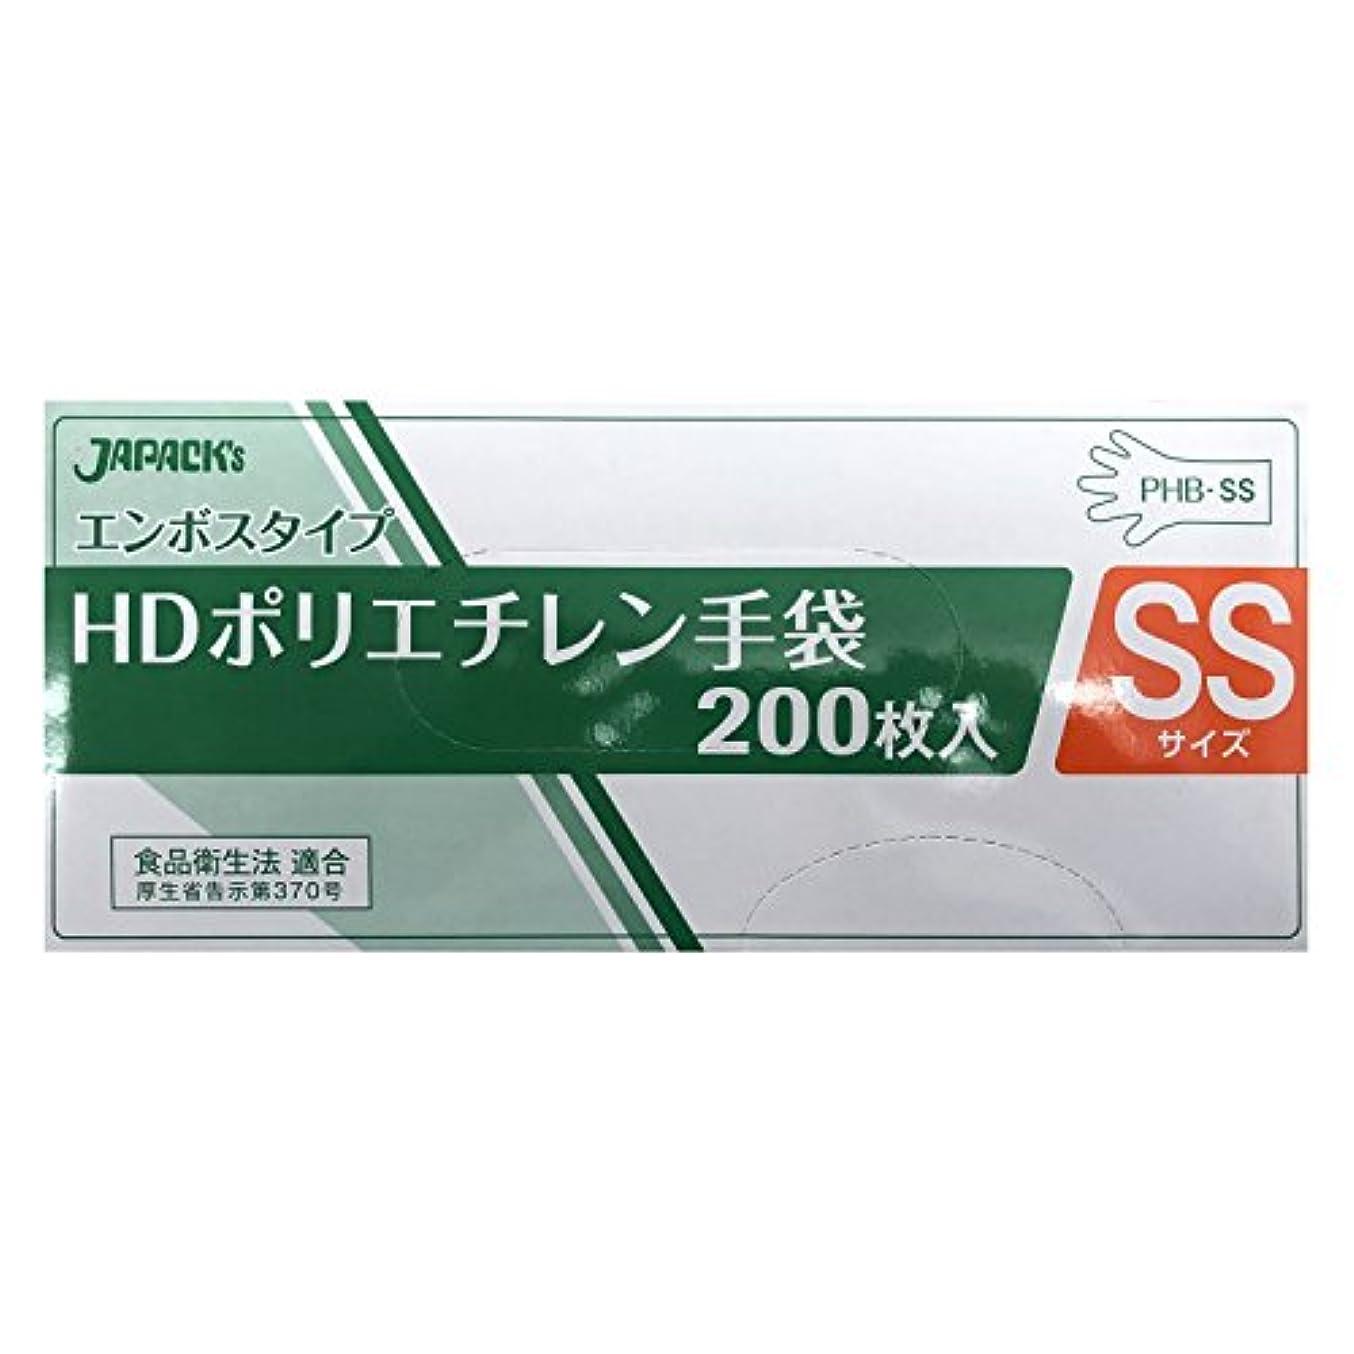 例侵入優しいエンボスタイプ HDポリエチレン手袋 SSサイズ BOX 200枚入 無着色 PHB-SS